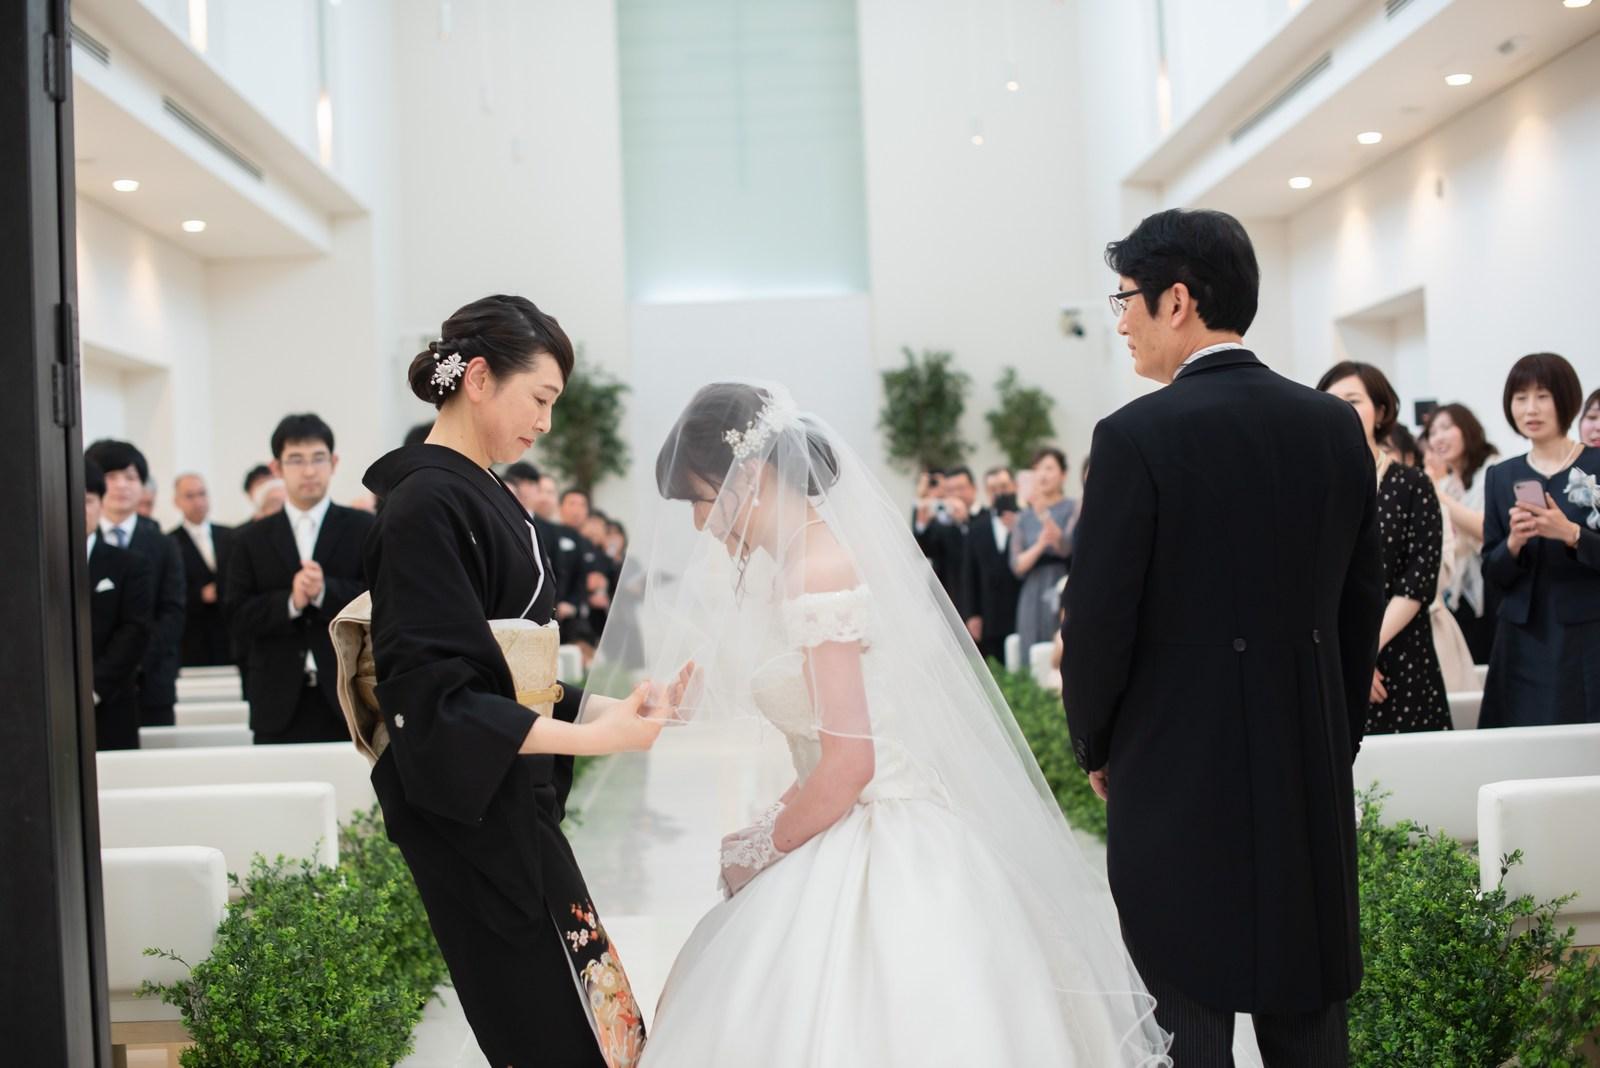 徳島市の結婚式場ブランアンジュで新婦母よりベールダウンをしてもらう新婦と見守る新婦父